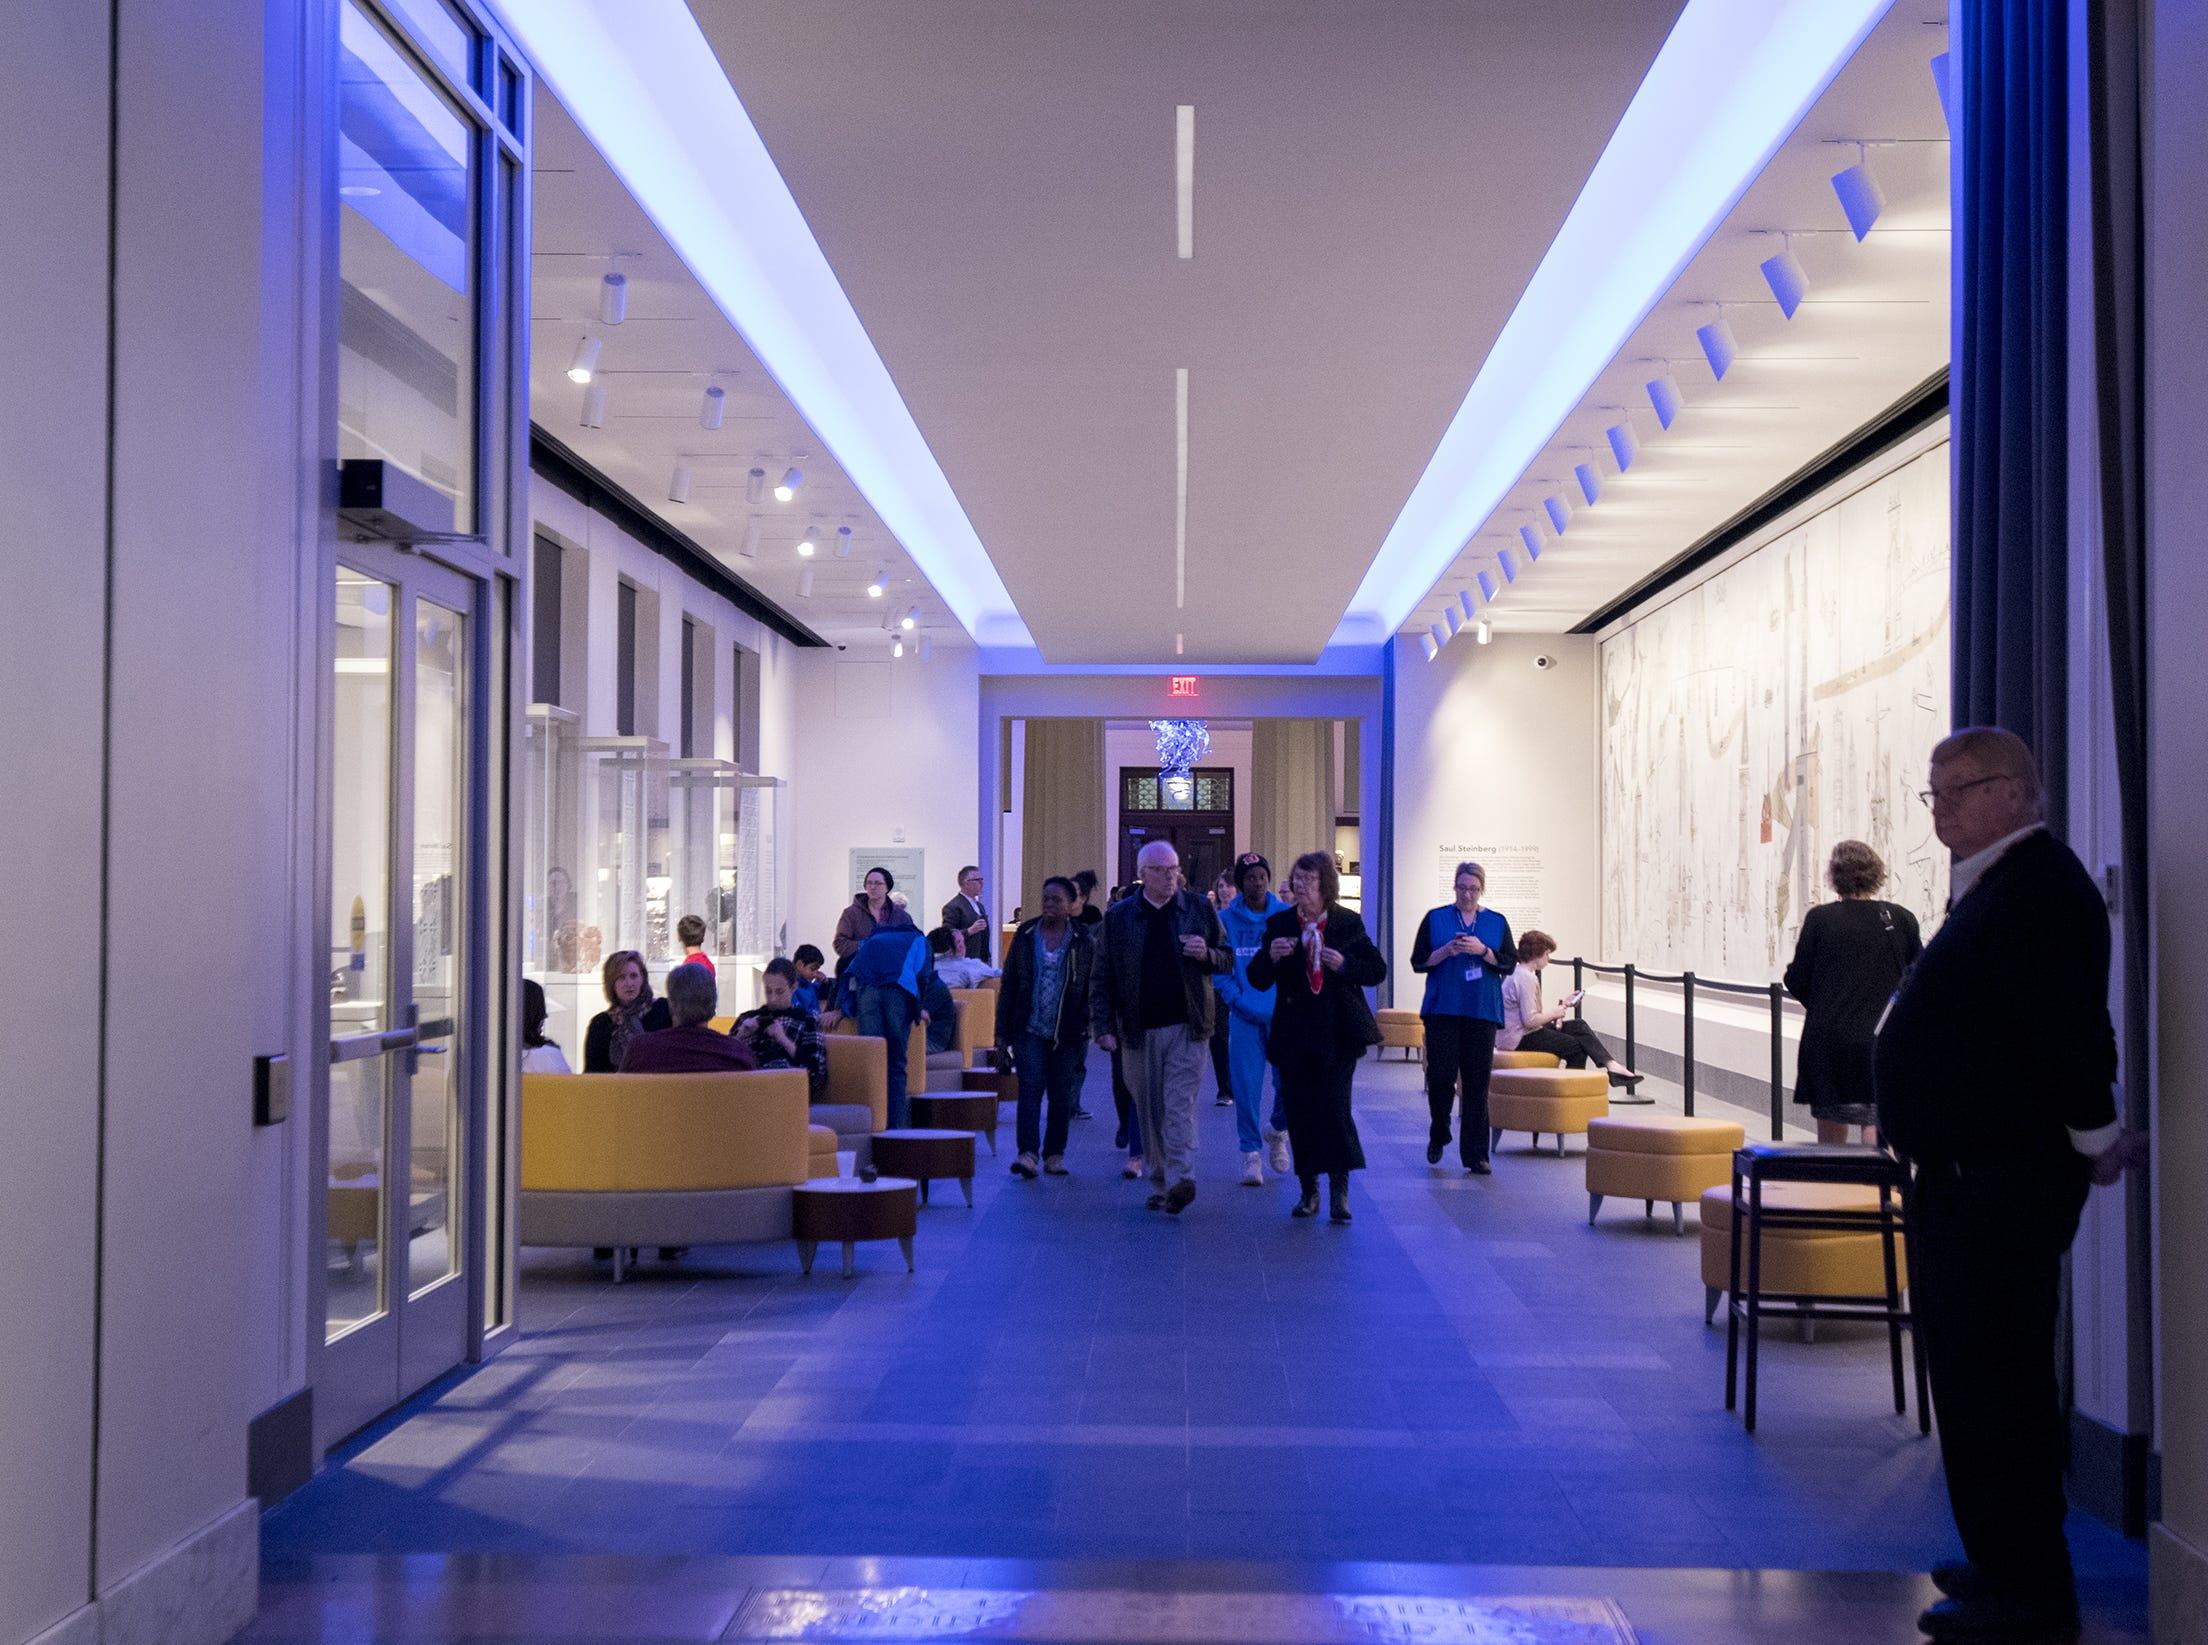 Guests enter the Cincinnati Art Museum for Art After Dark: Confess Yourself Wednesday, November 21, 2018 in Cincinnati, Ohio.